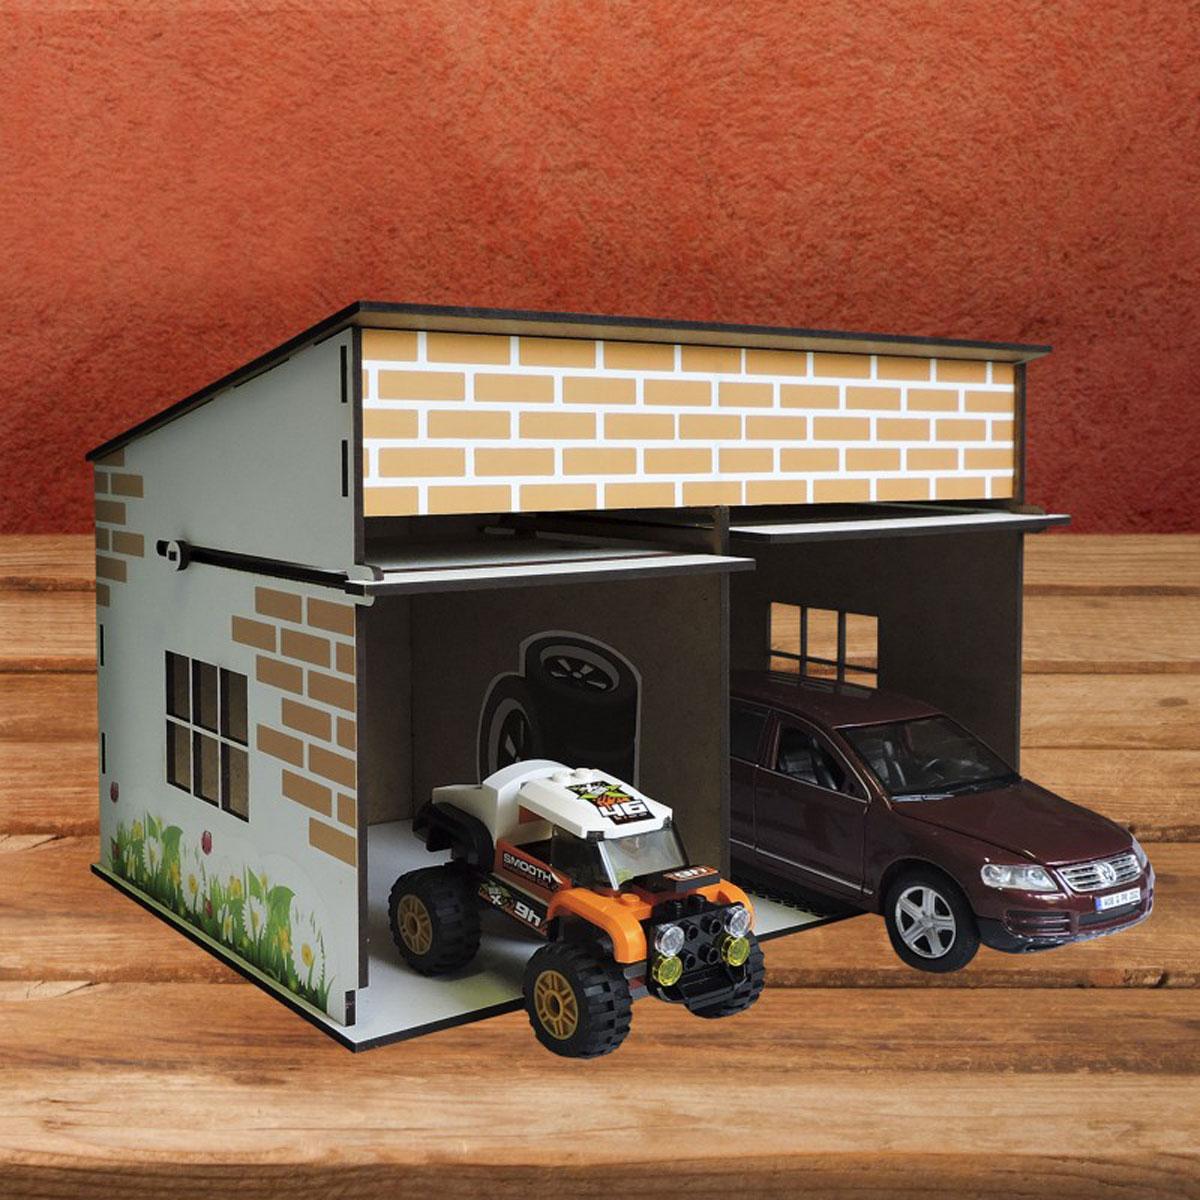 Цена на деревянный гараж чтобы купить замок для гаража купить в спб